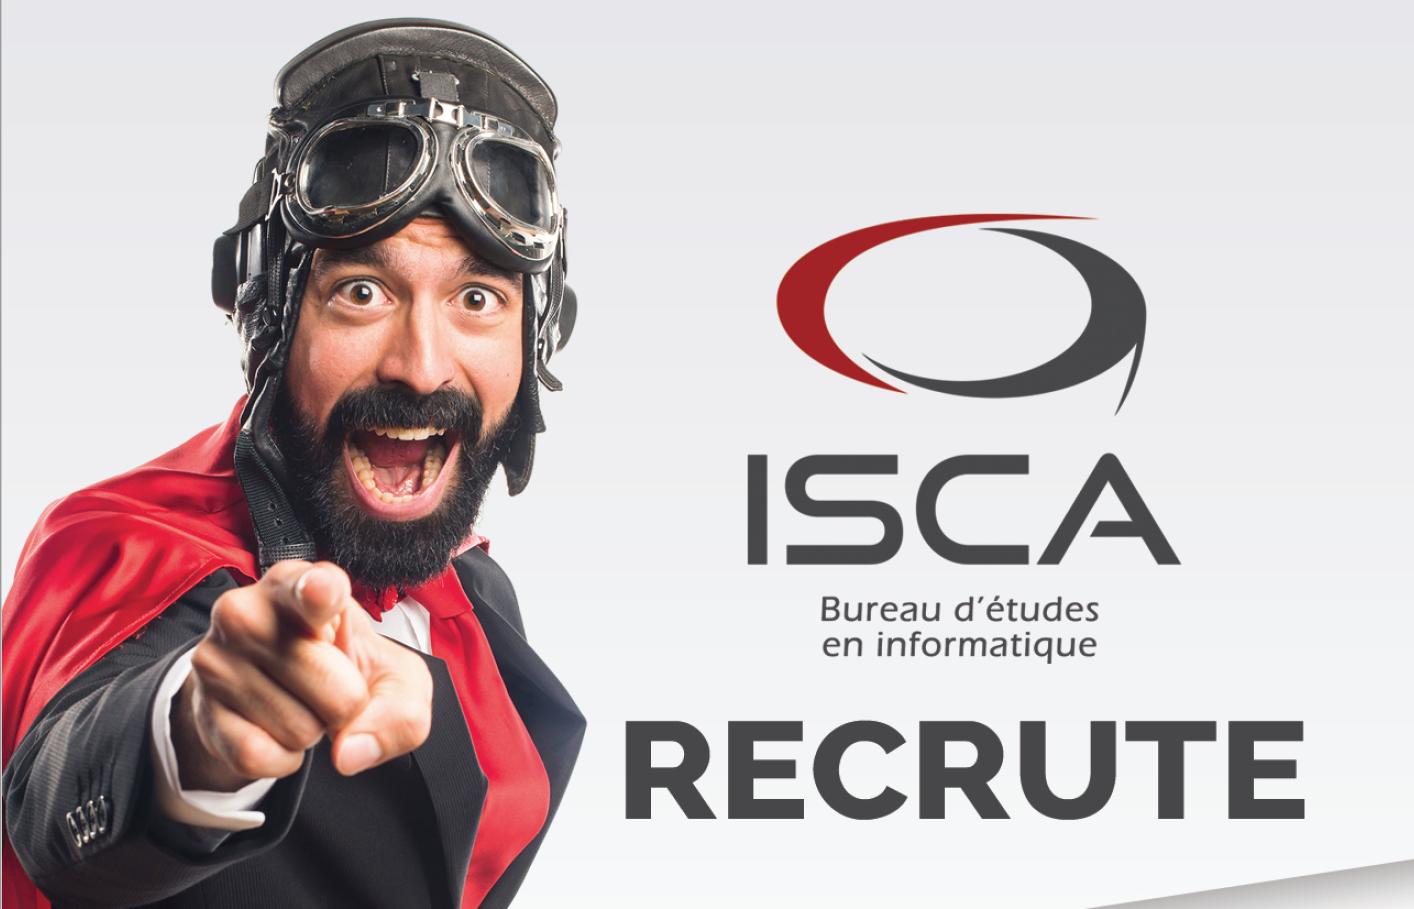 2019-10-03_10-53-58 ISCA RECRUTE